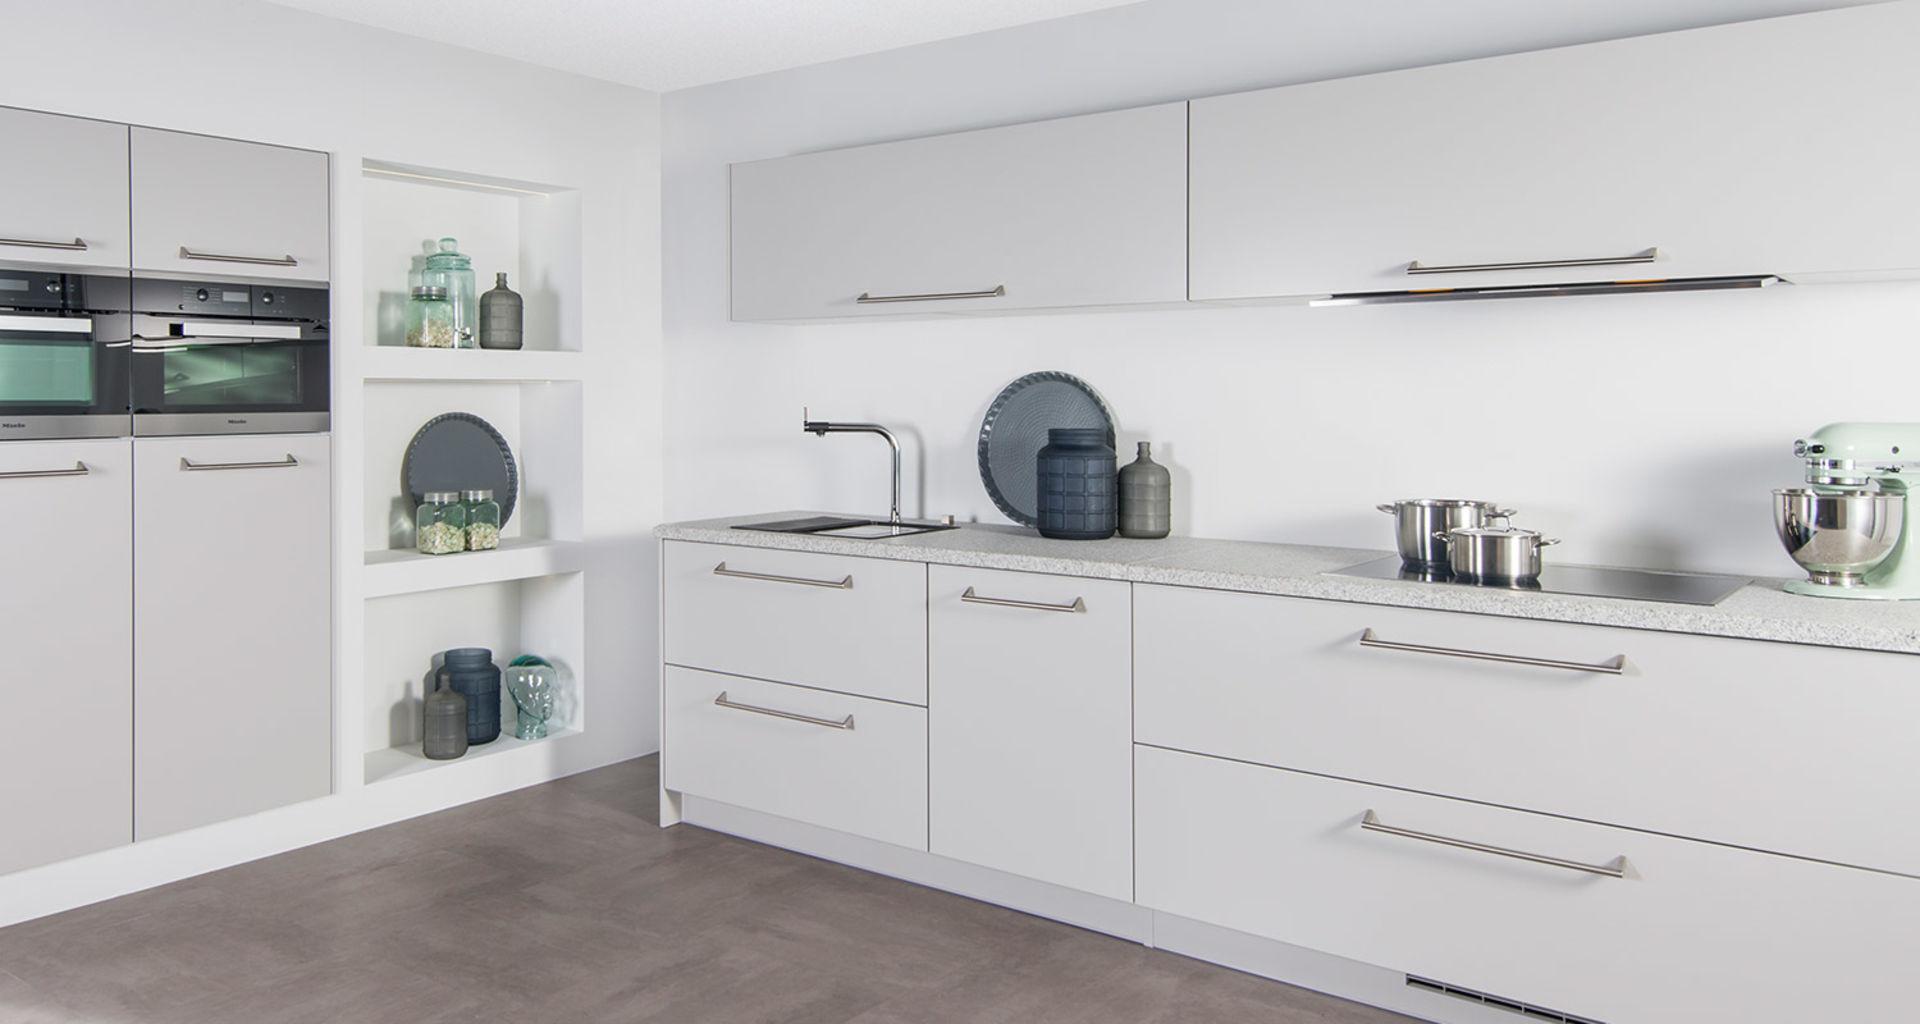 Design Keukens Heemskerk : Graniet in de keuken luxe en chique tulp keukens